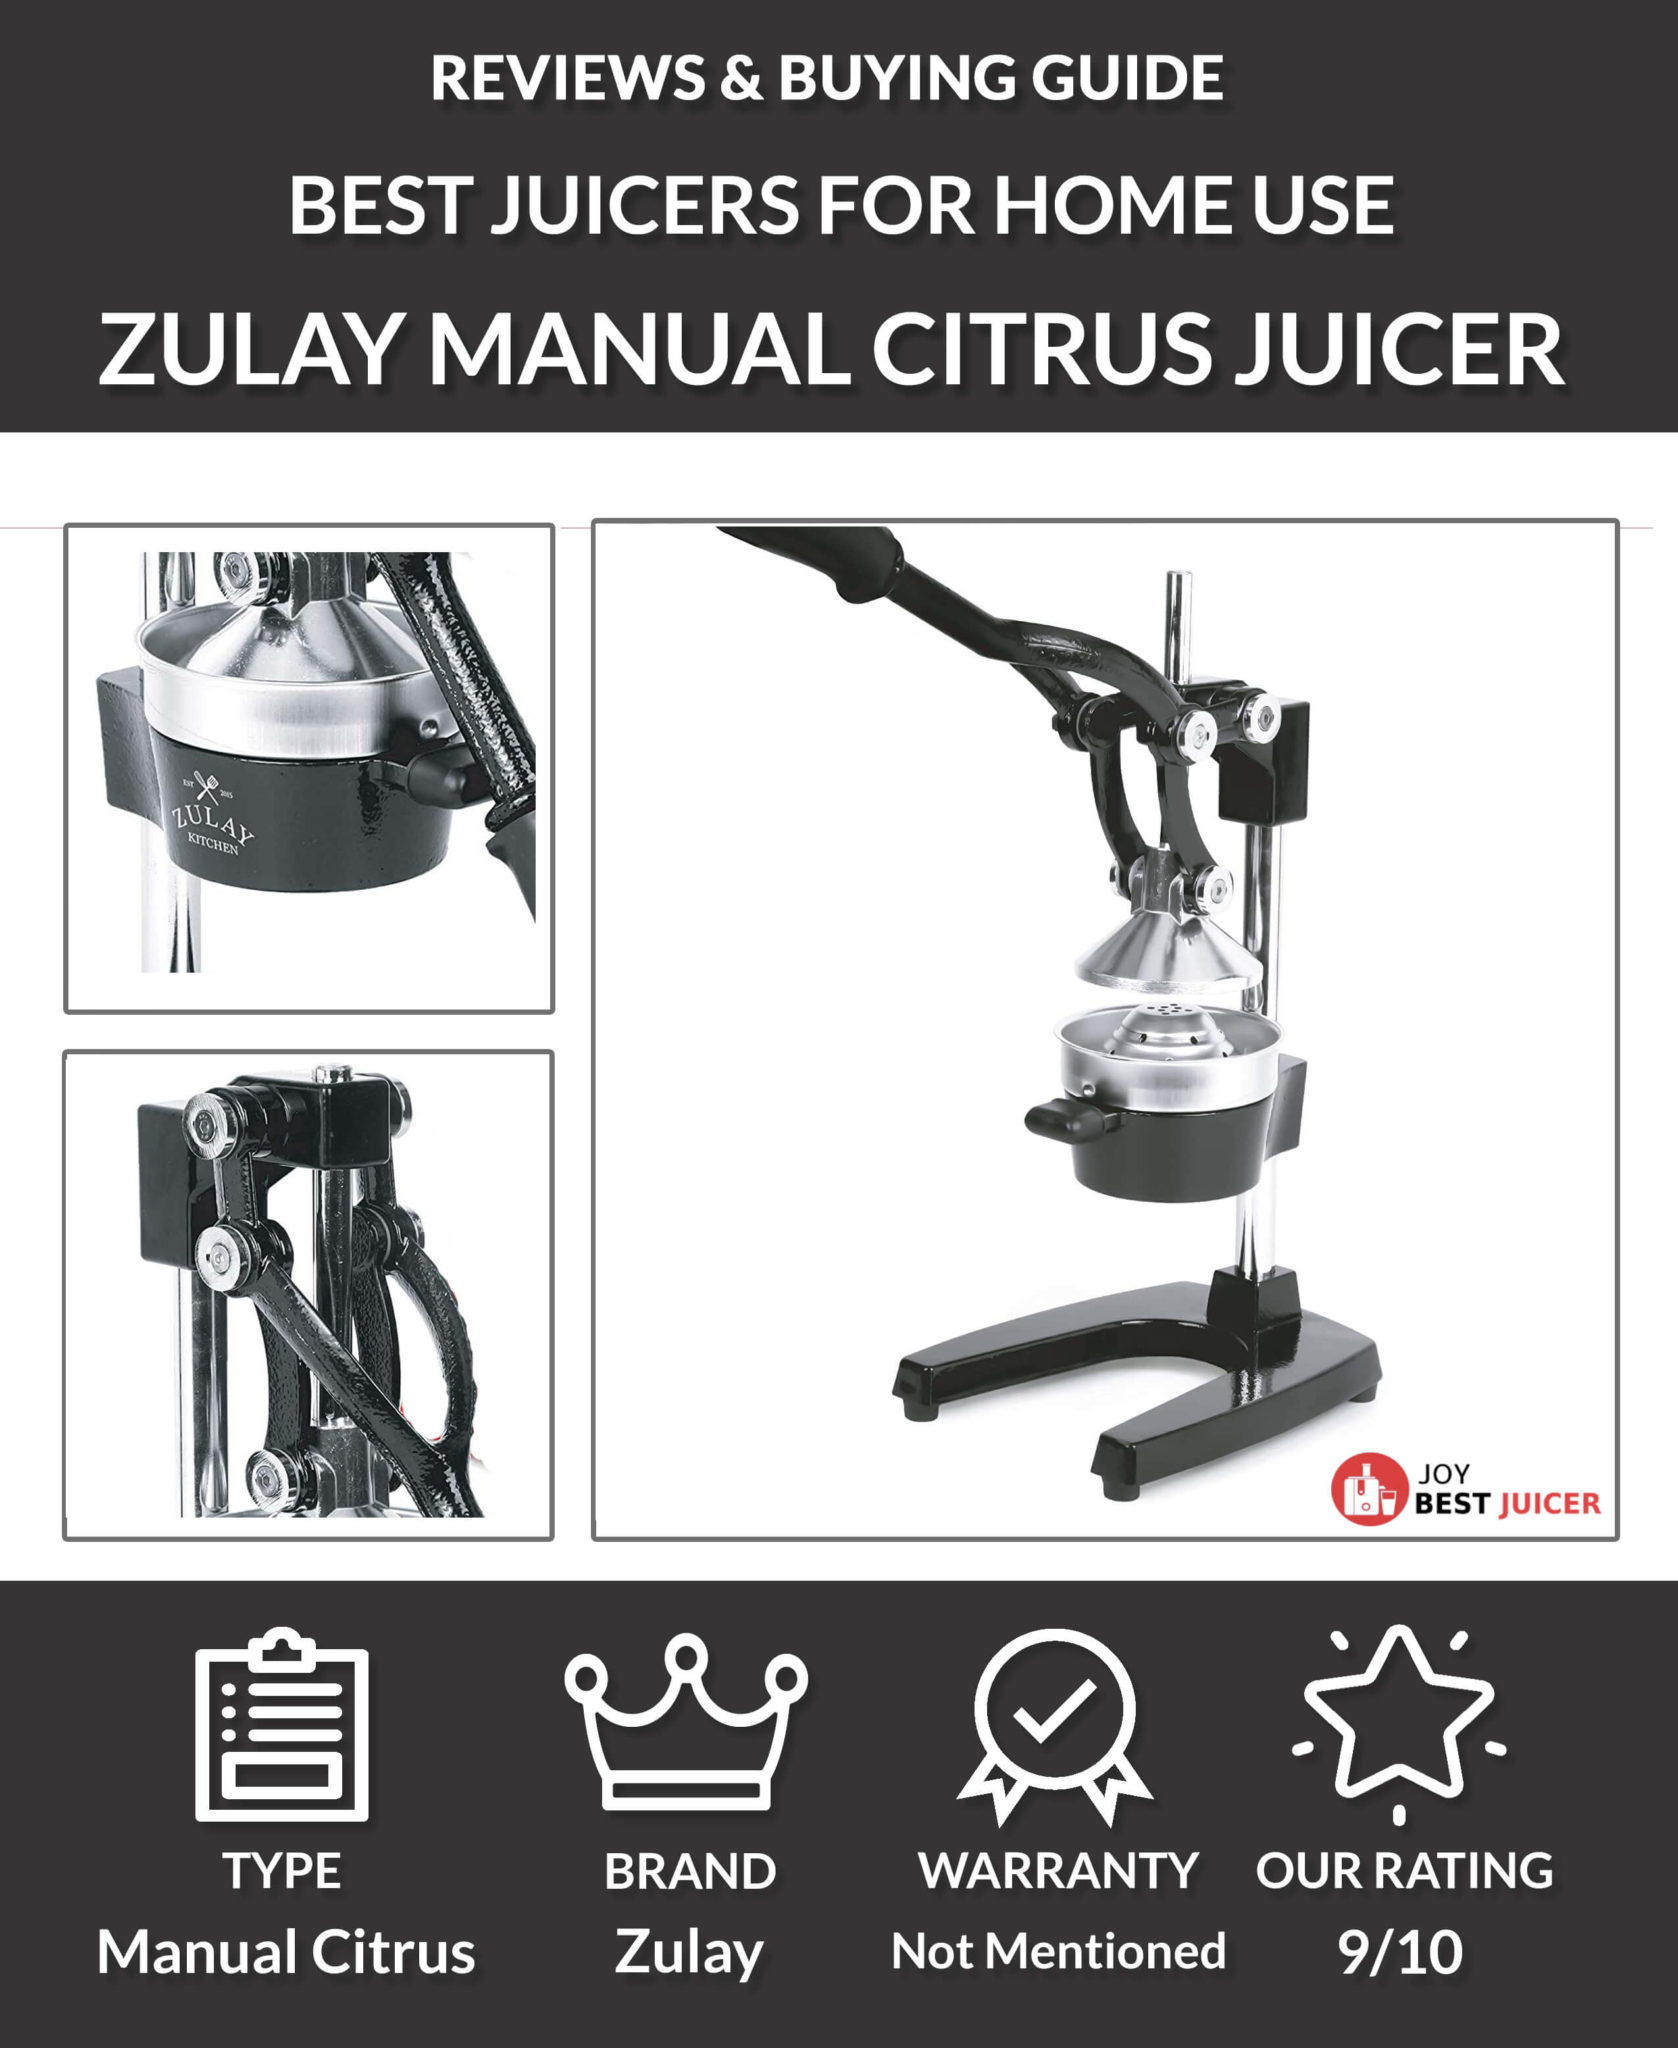 Zulay Professional Citrus Juicer Review - JoyBestJuicer.com